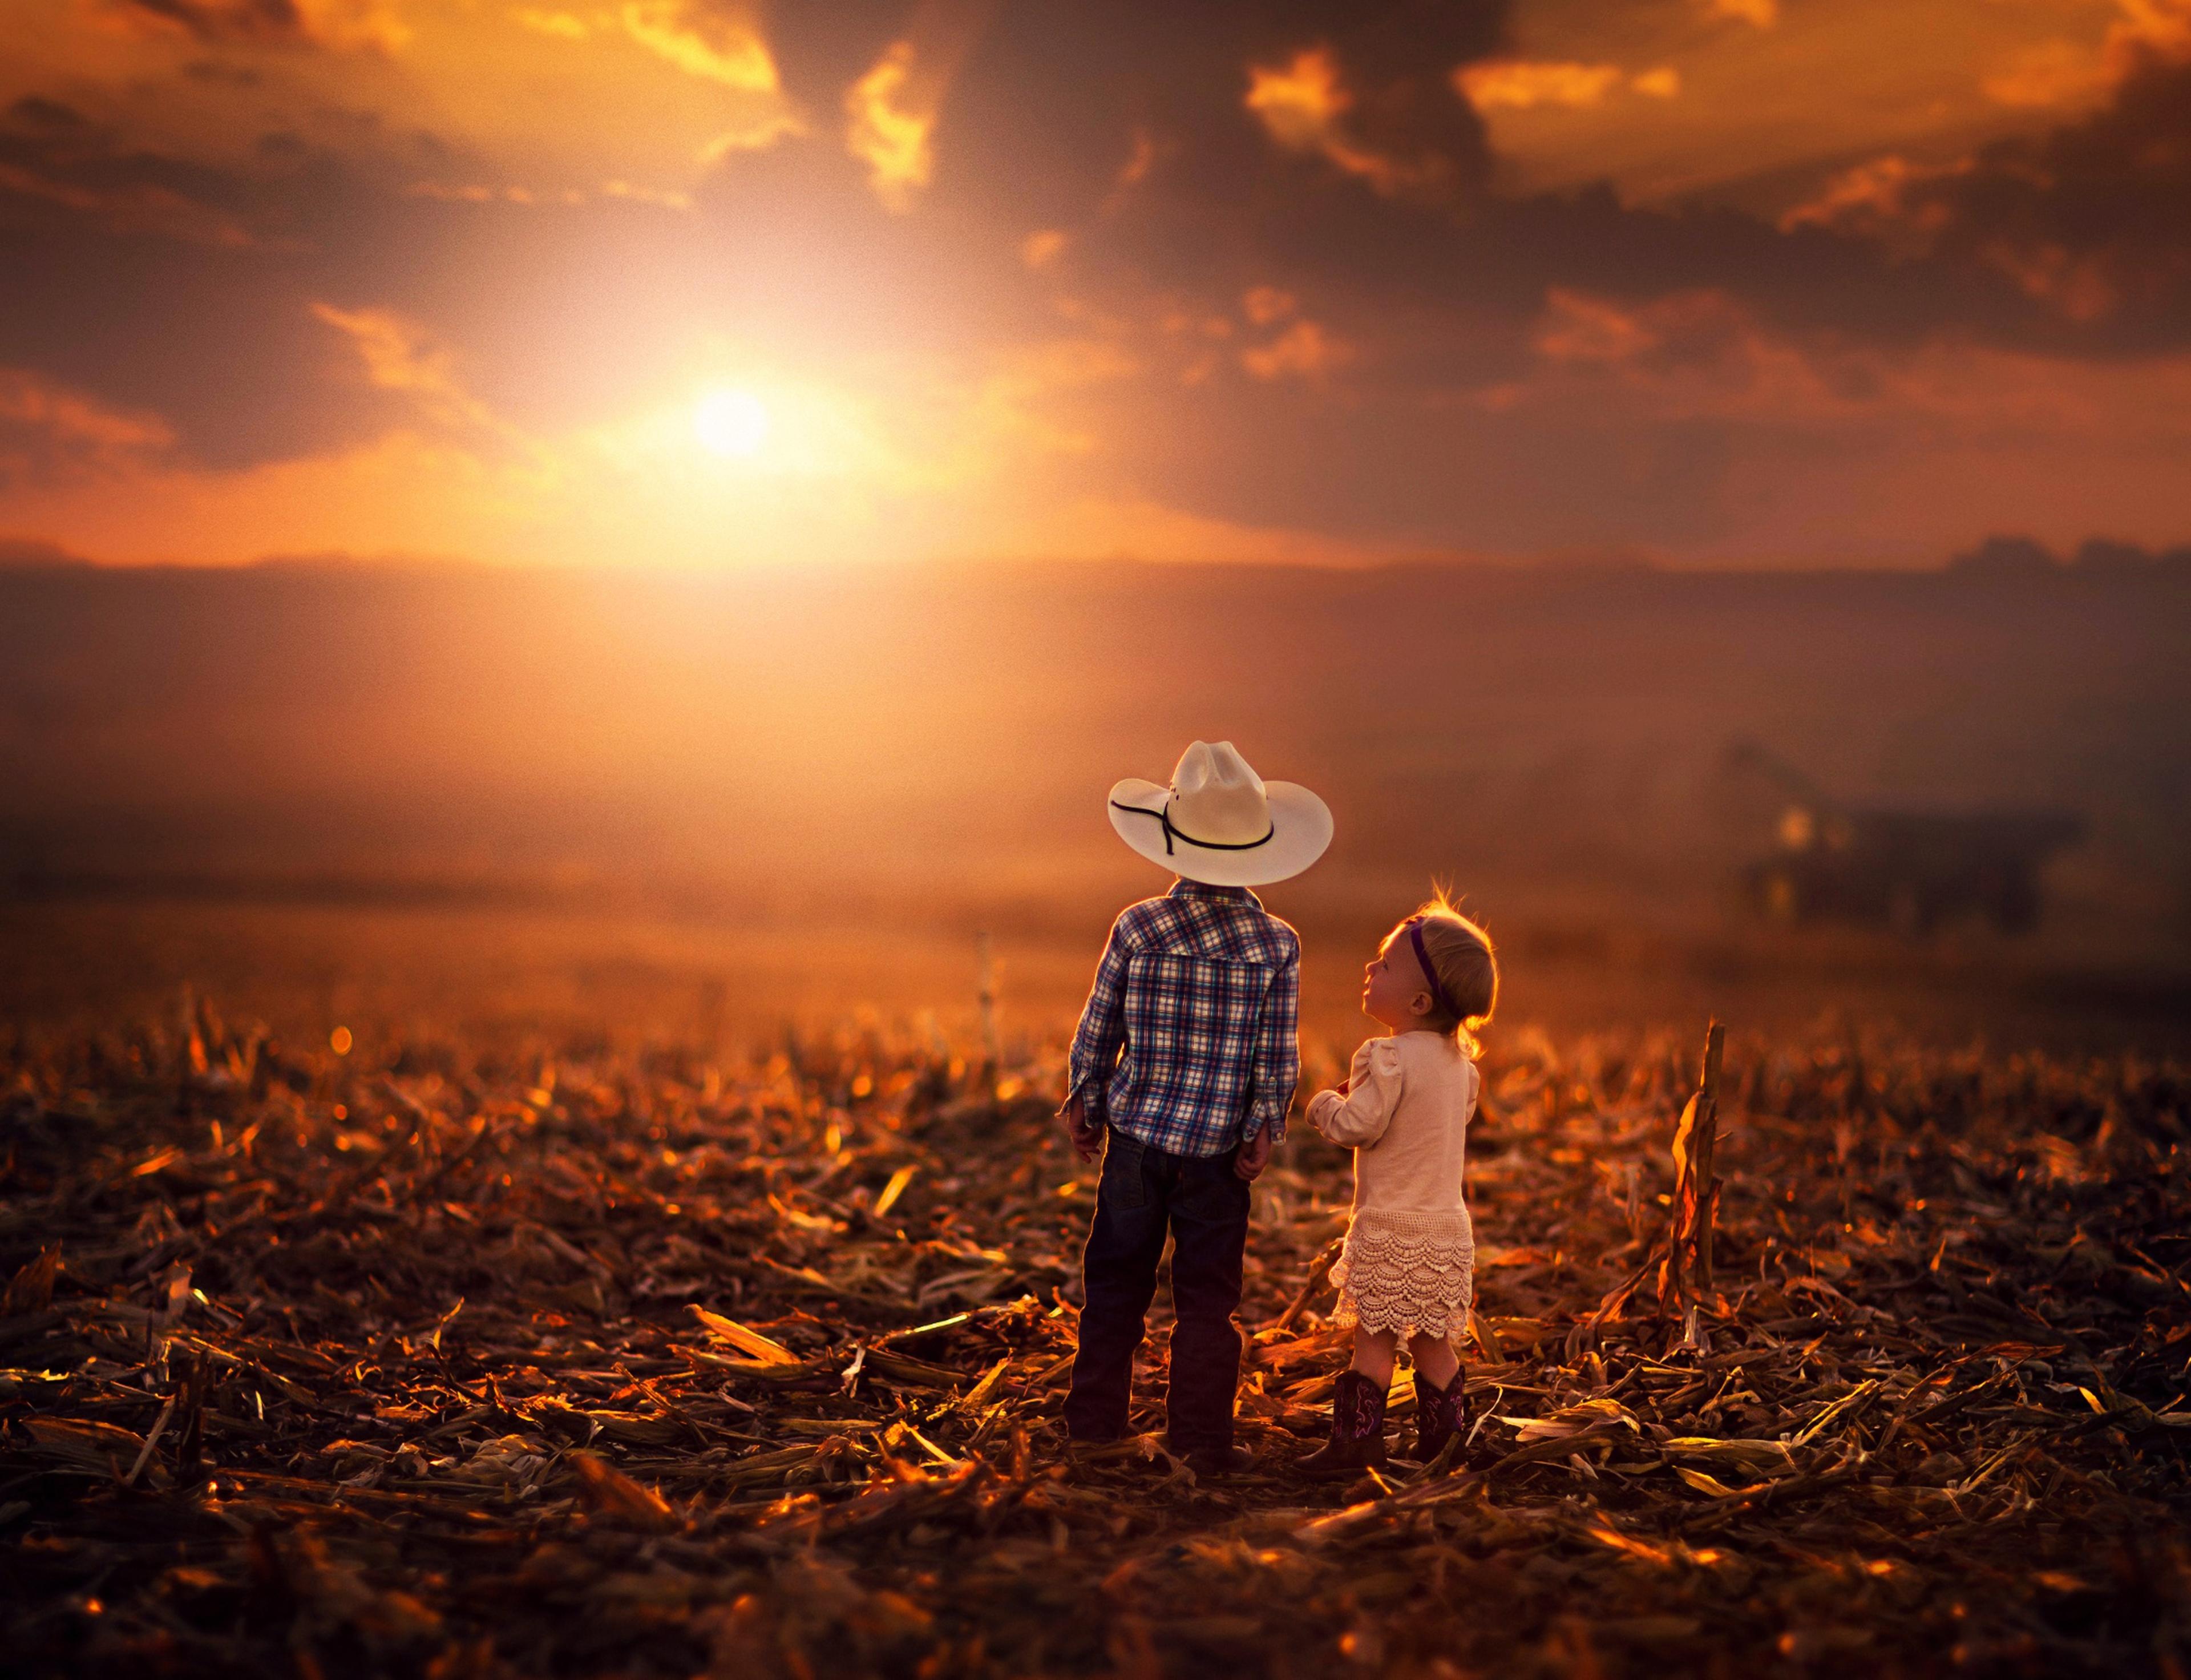 Kids Sunset 4k Ultra HD Wallpaper